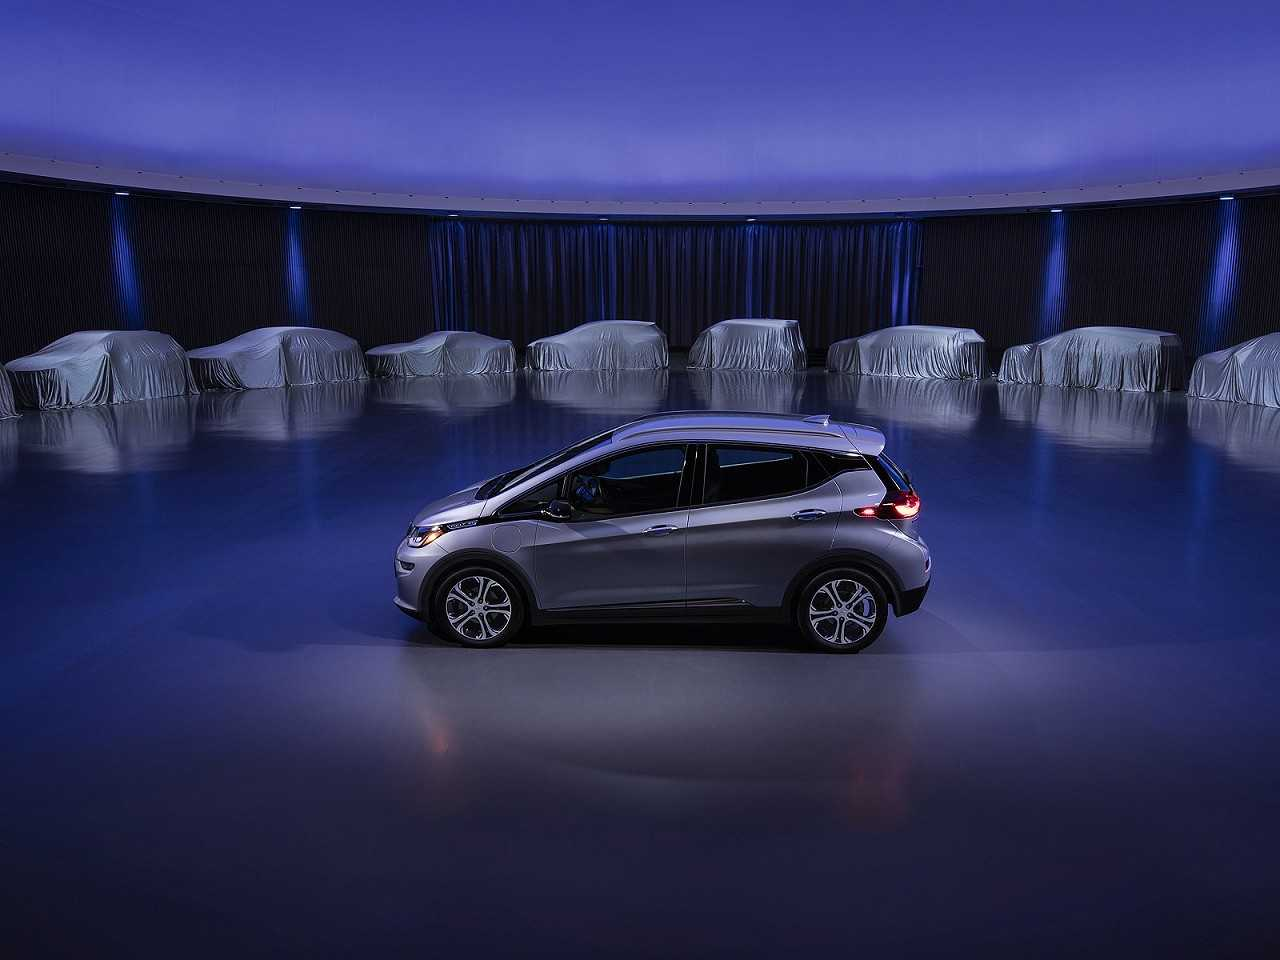 GM prepara gama de modelos elétricos até 2023